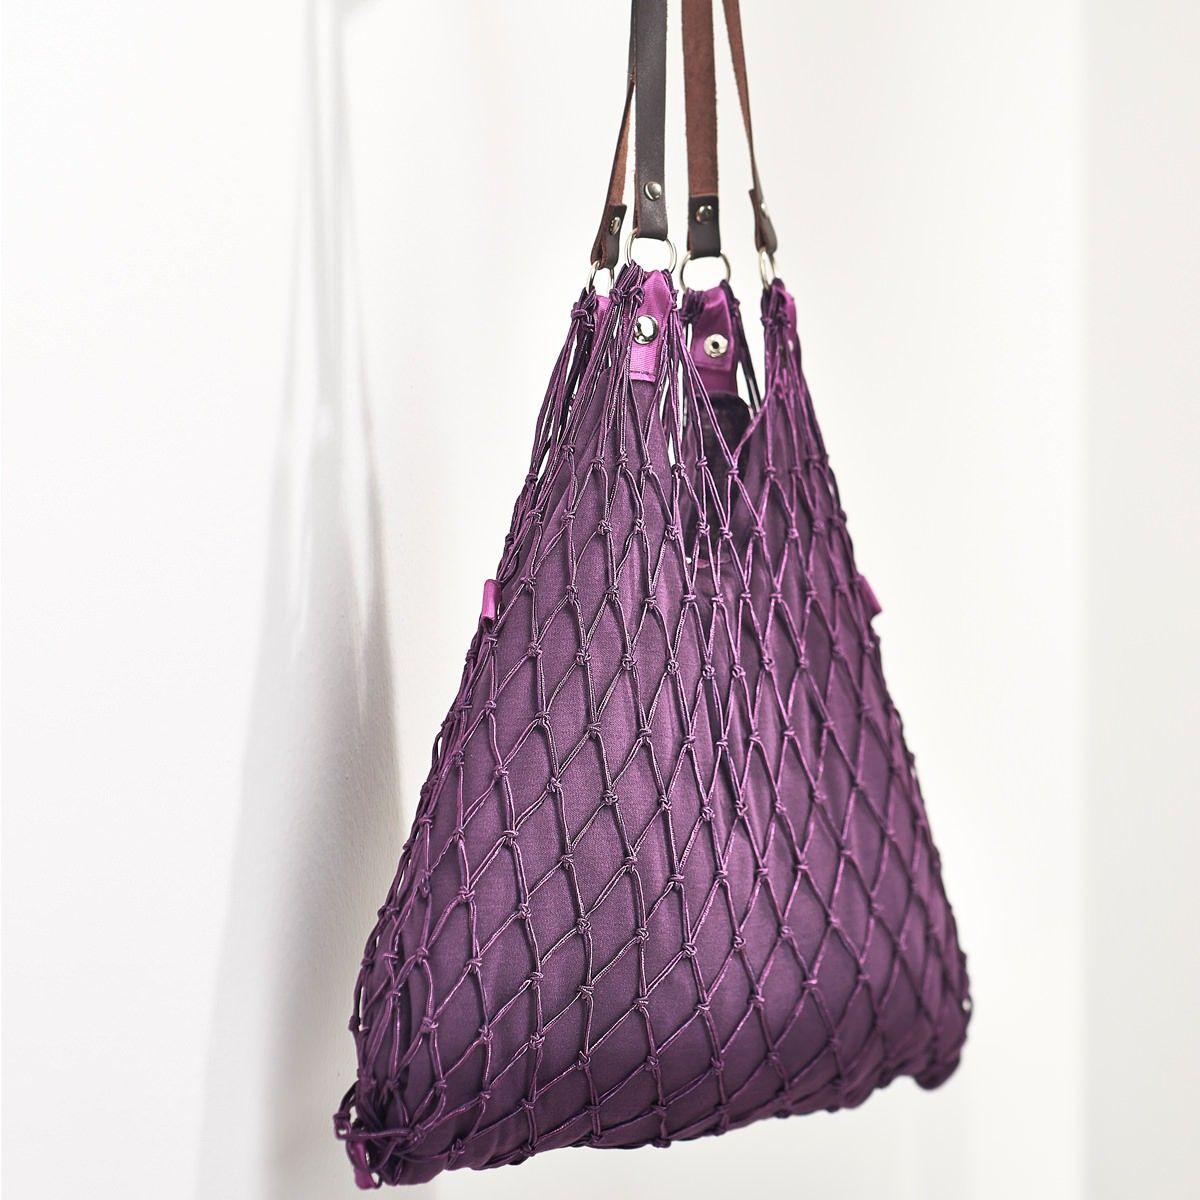 CEDON Einkaufsnetz Kulturbeutel de Luxe violett | Einkaufsnetz ...